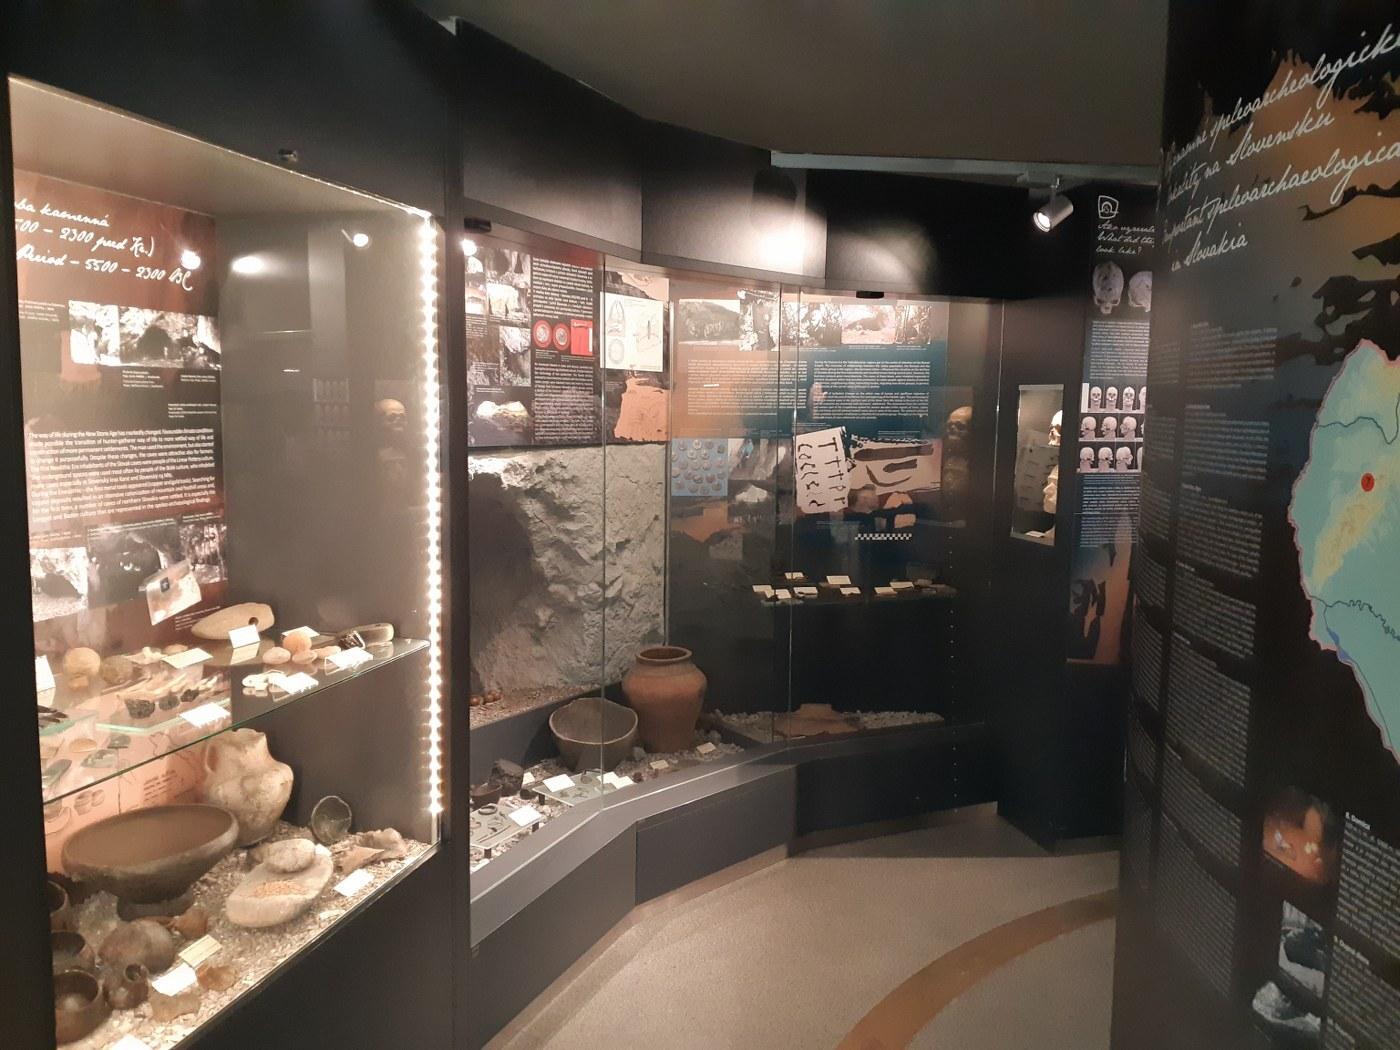 Slovenské muzeum ochrany přírody a jeskynářství